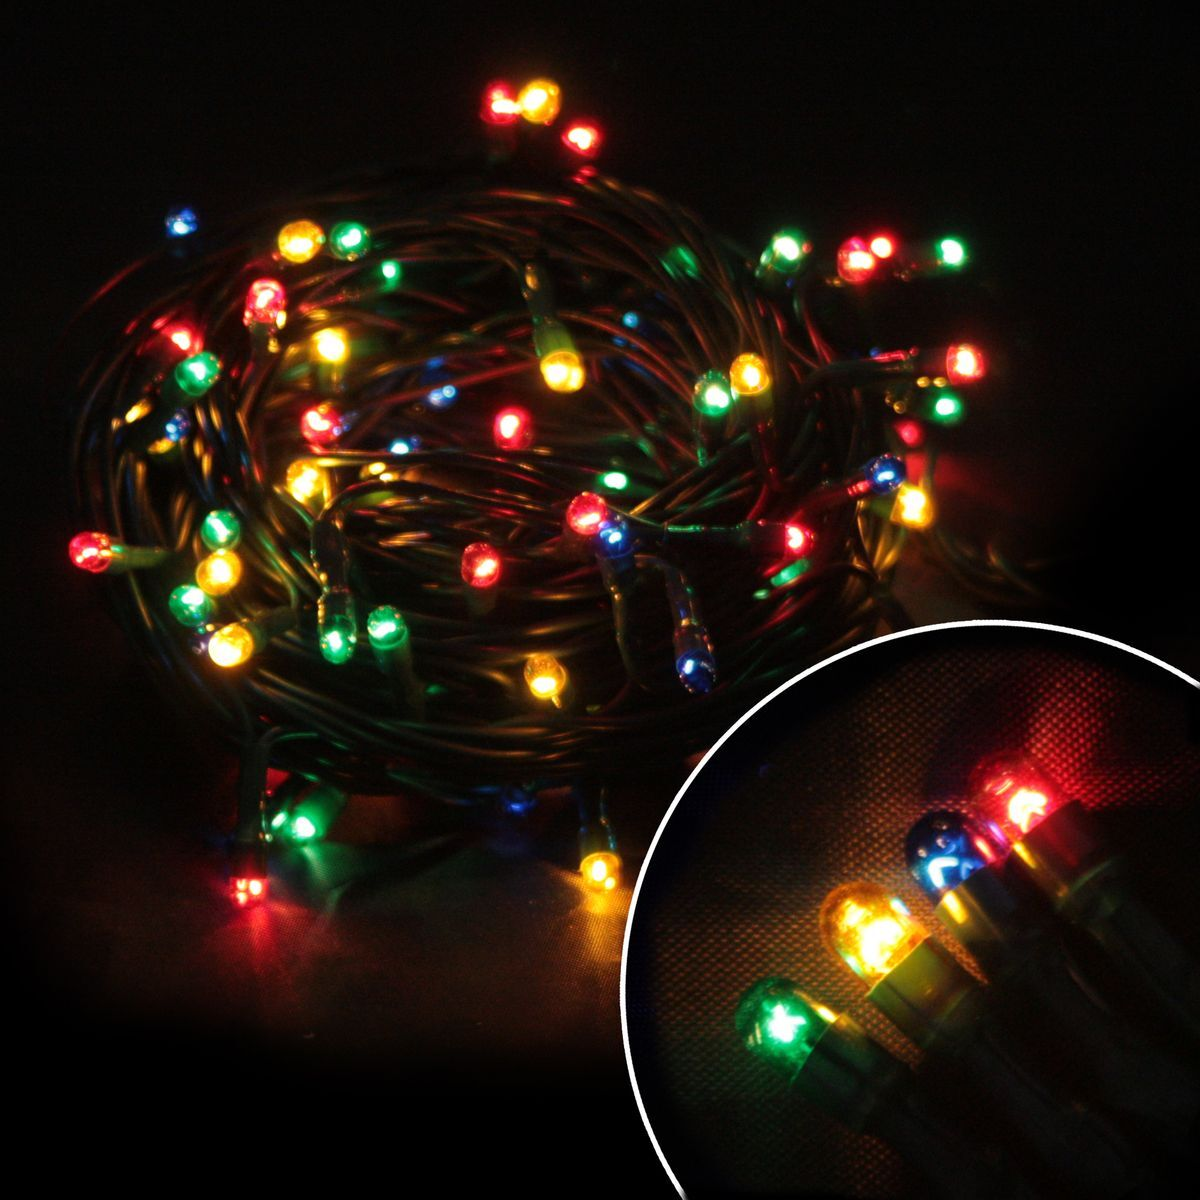 Электрическая гирлянда Волшебная страна PR/R-50-3-MC, многоцветная, 50 ламп, без мигания, зеленый шнур, 3 м